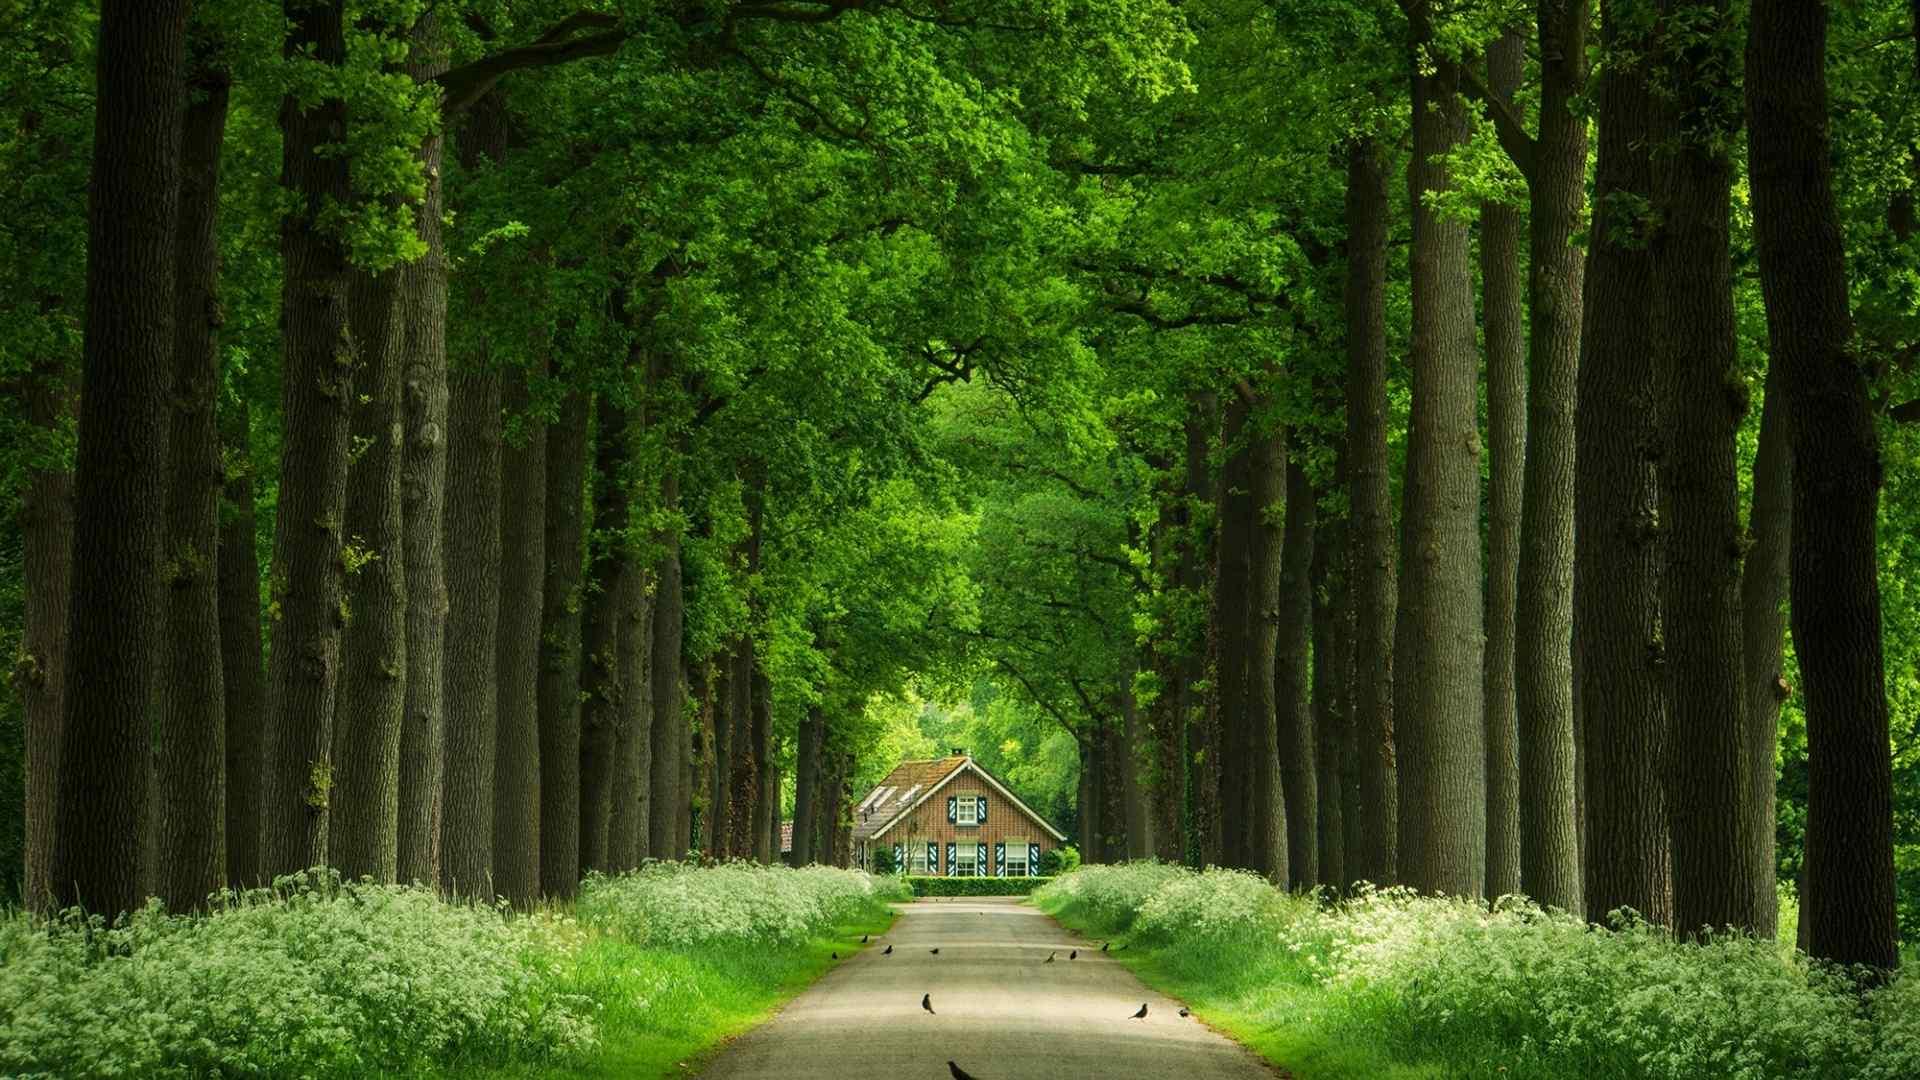 林间小道自然风景桌面壁纸